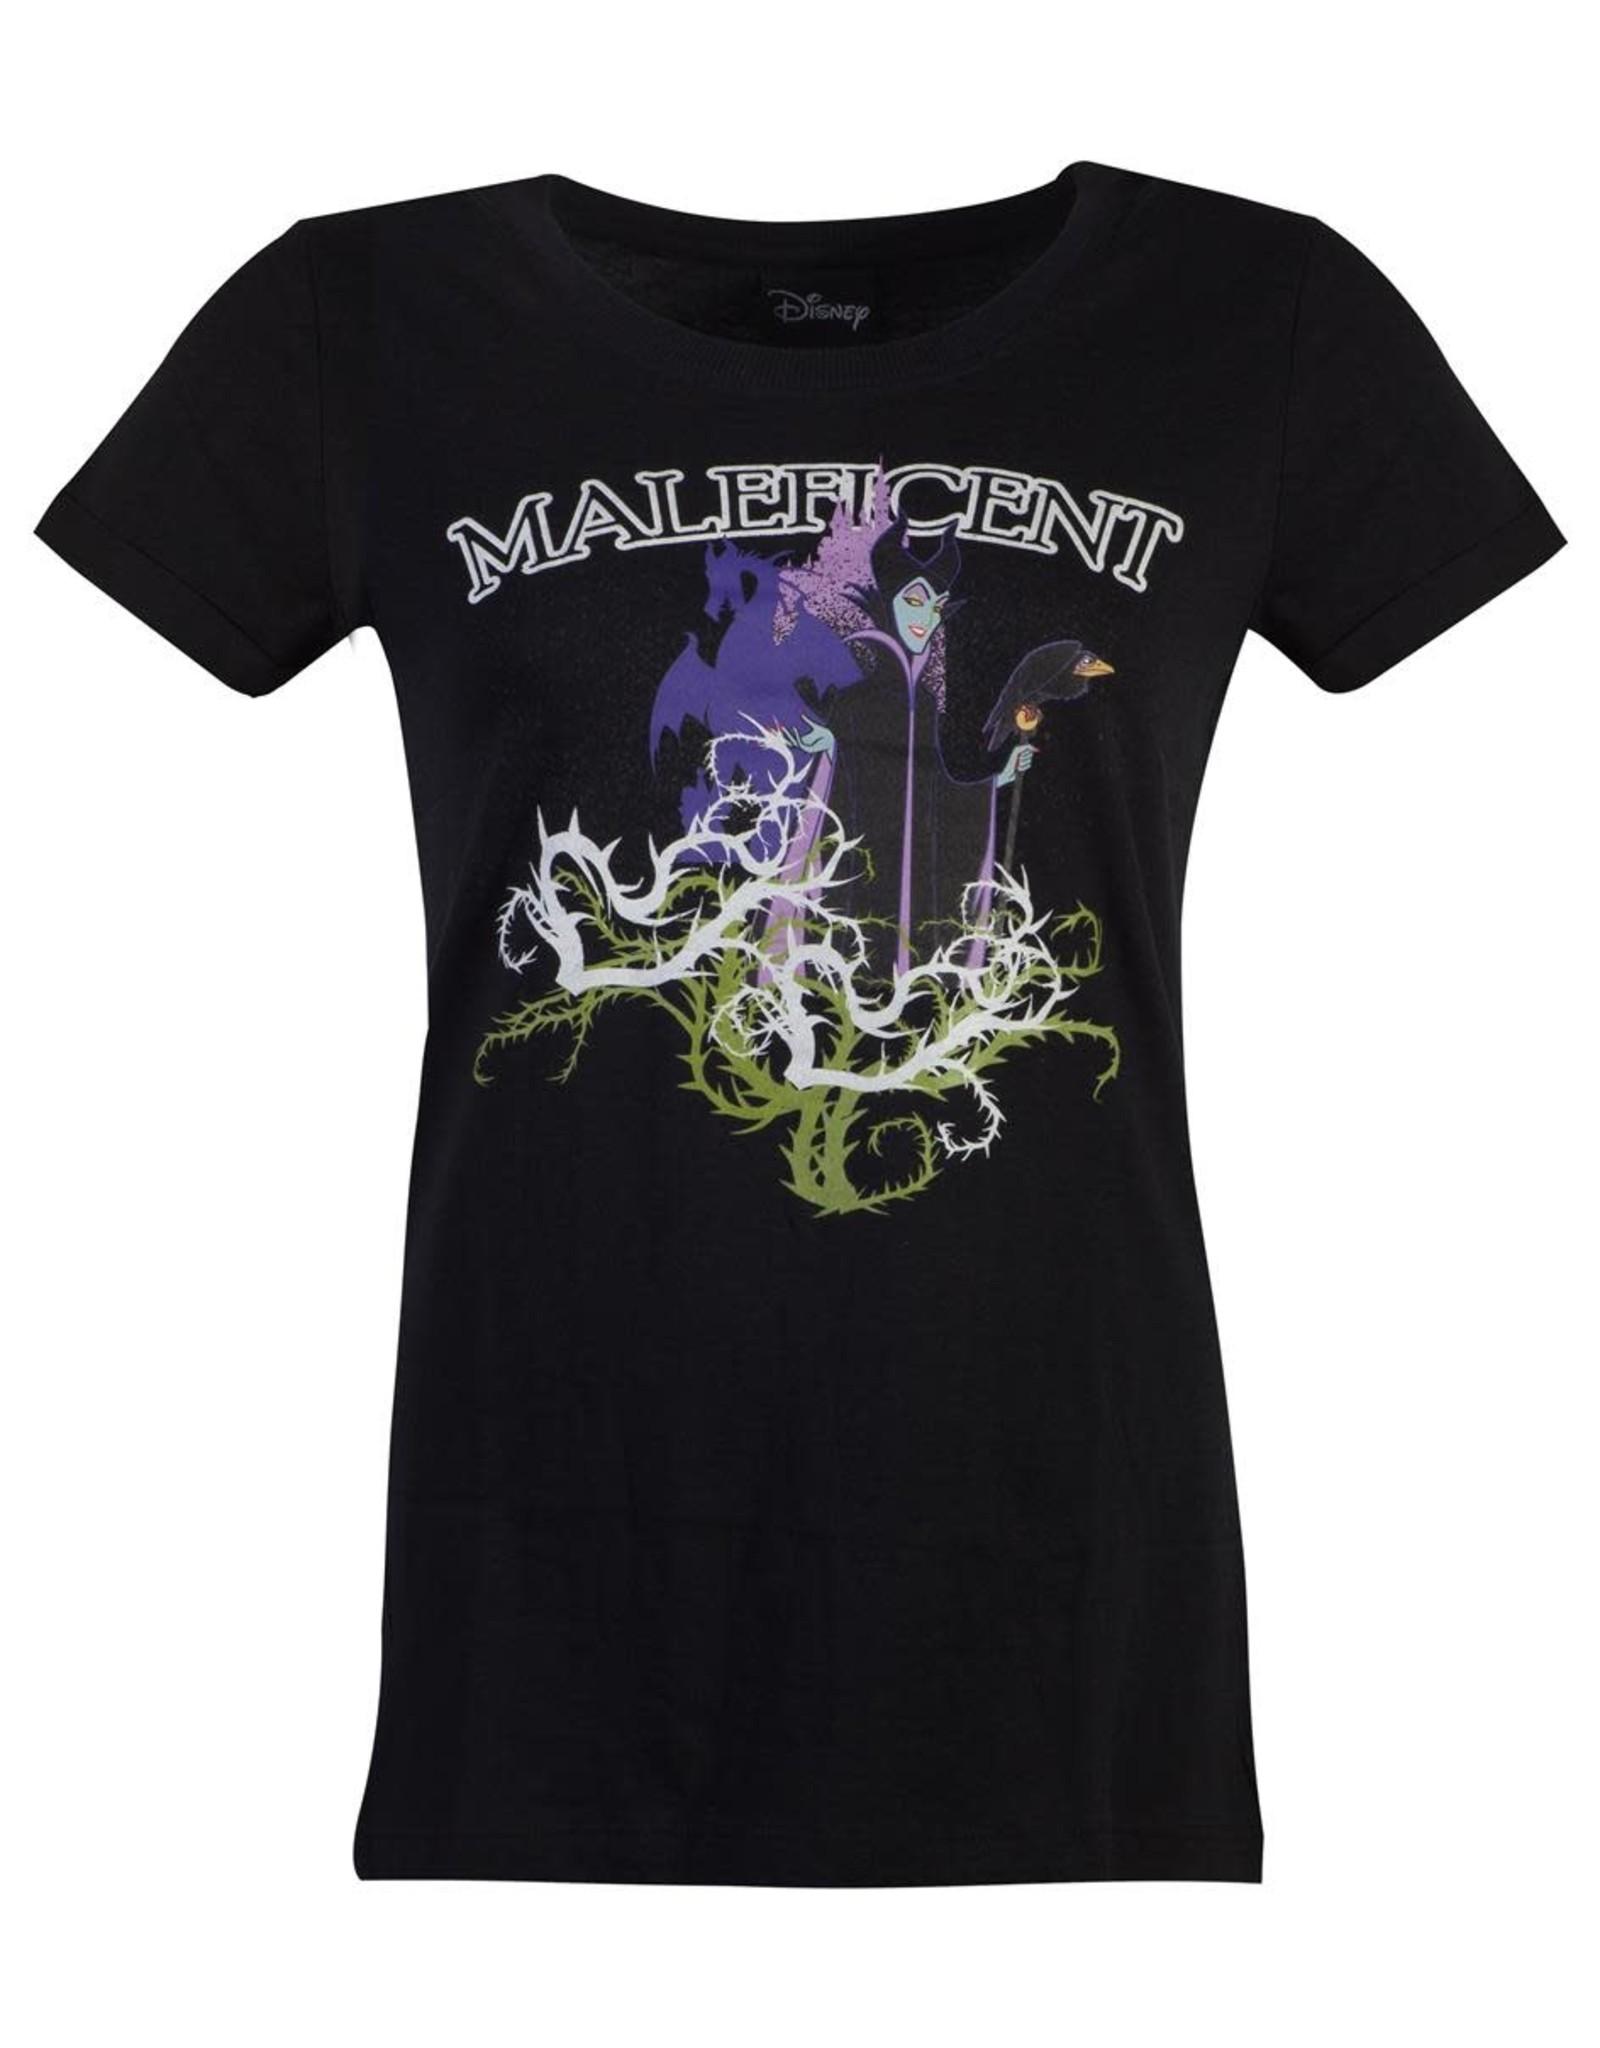 MALEFICENT Women's T-Shirt (M)